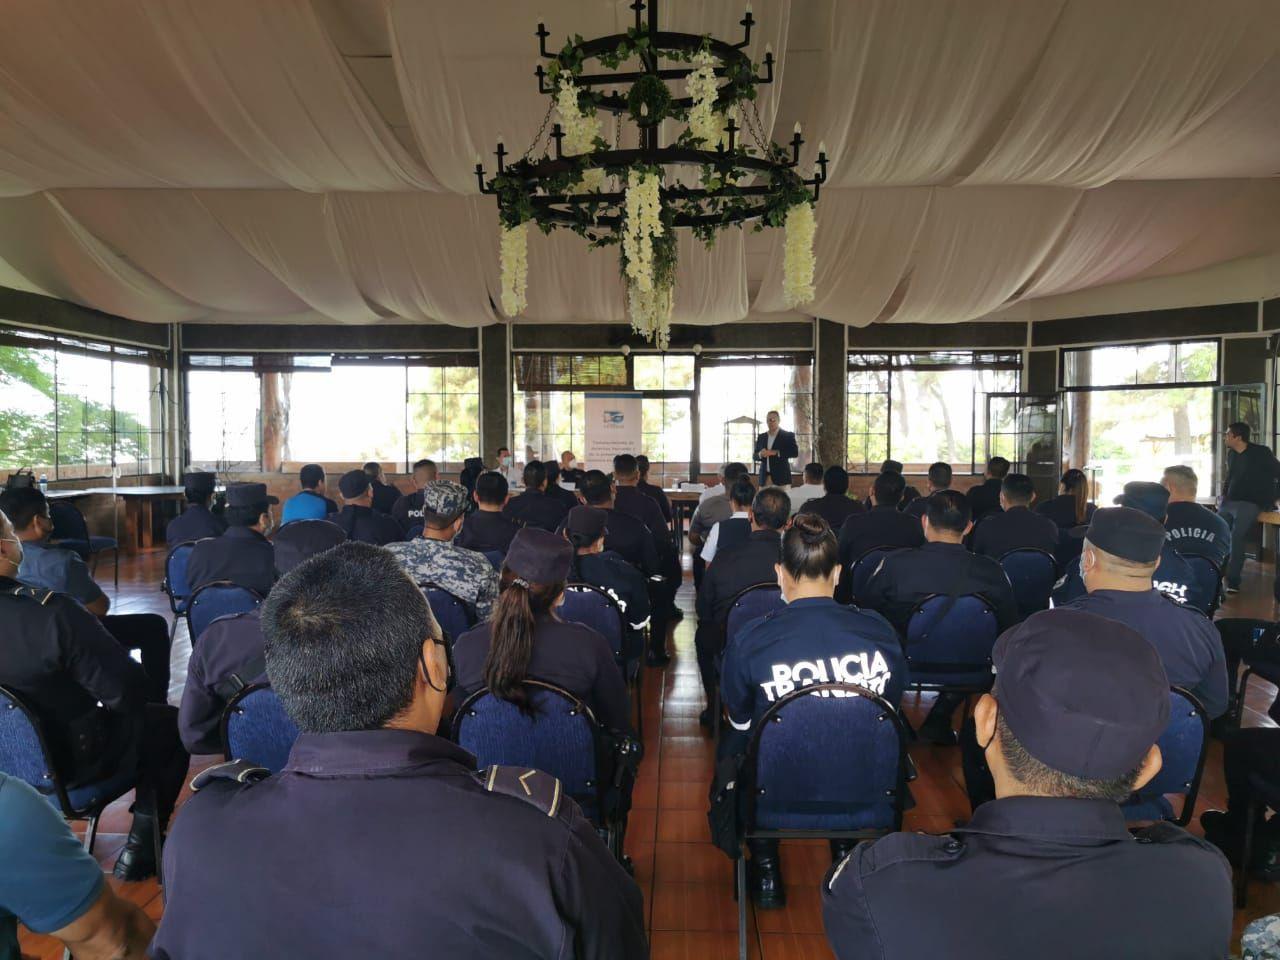 60 agentes de autoridad formados en derechos humanos